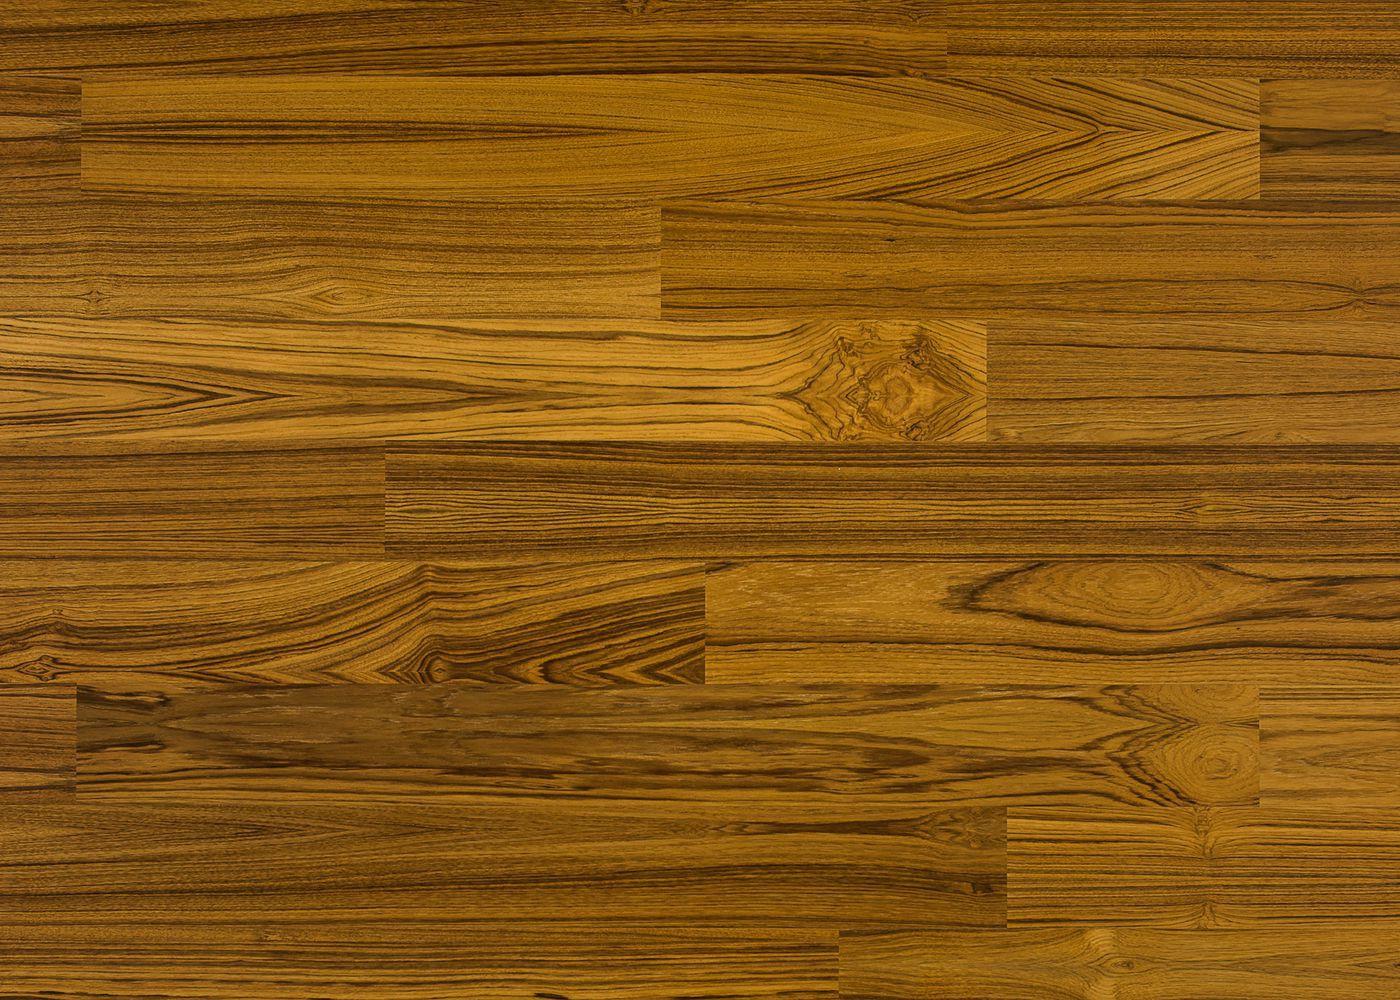 Sol plaqué bois Teck vernis satiné - Lounge - Select 8x124x1203